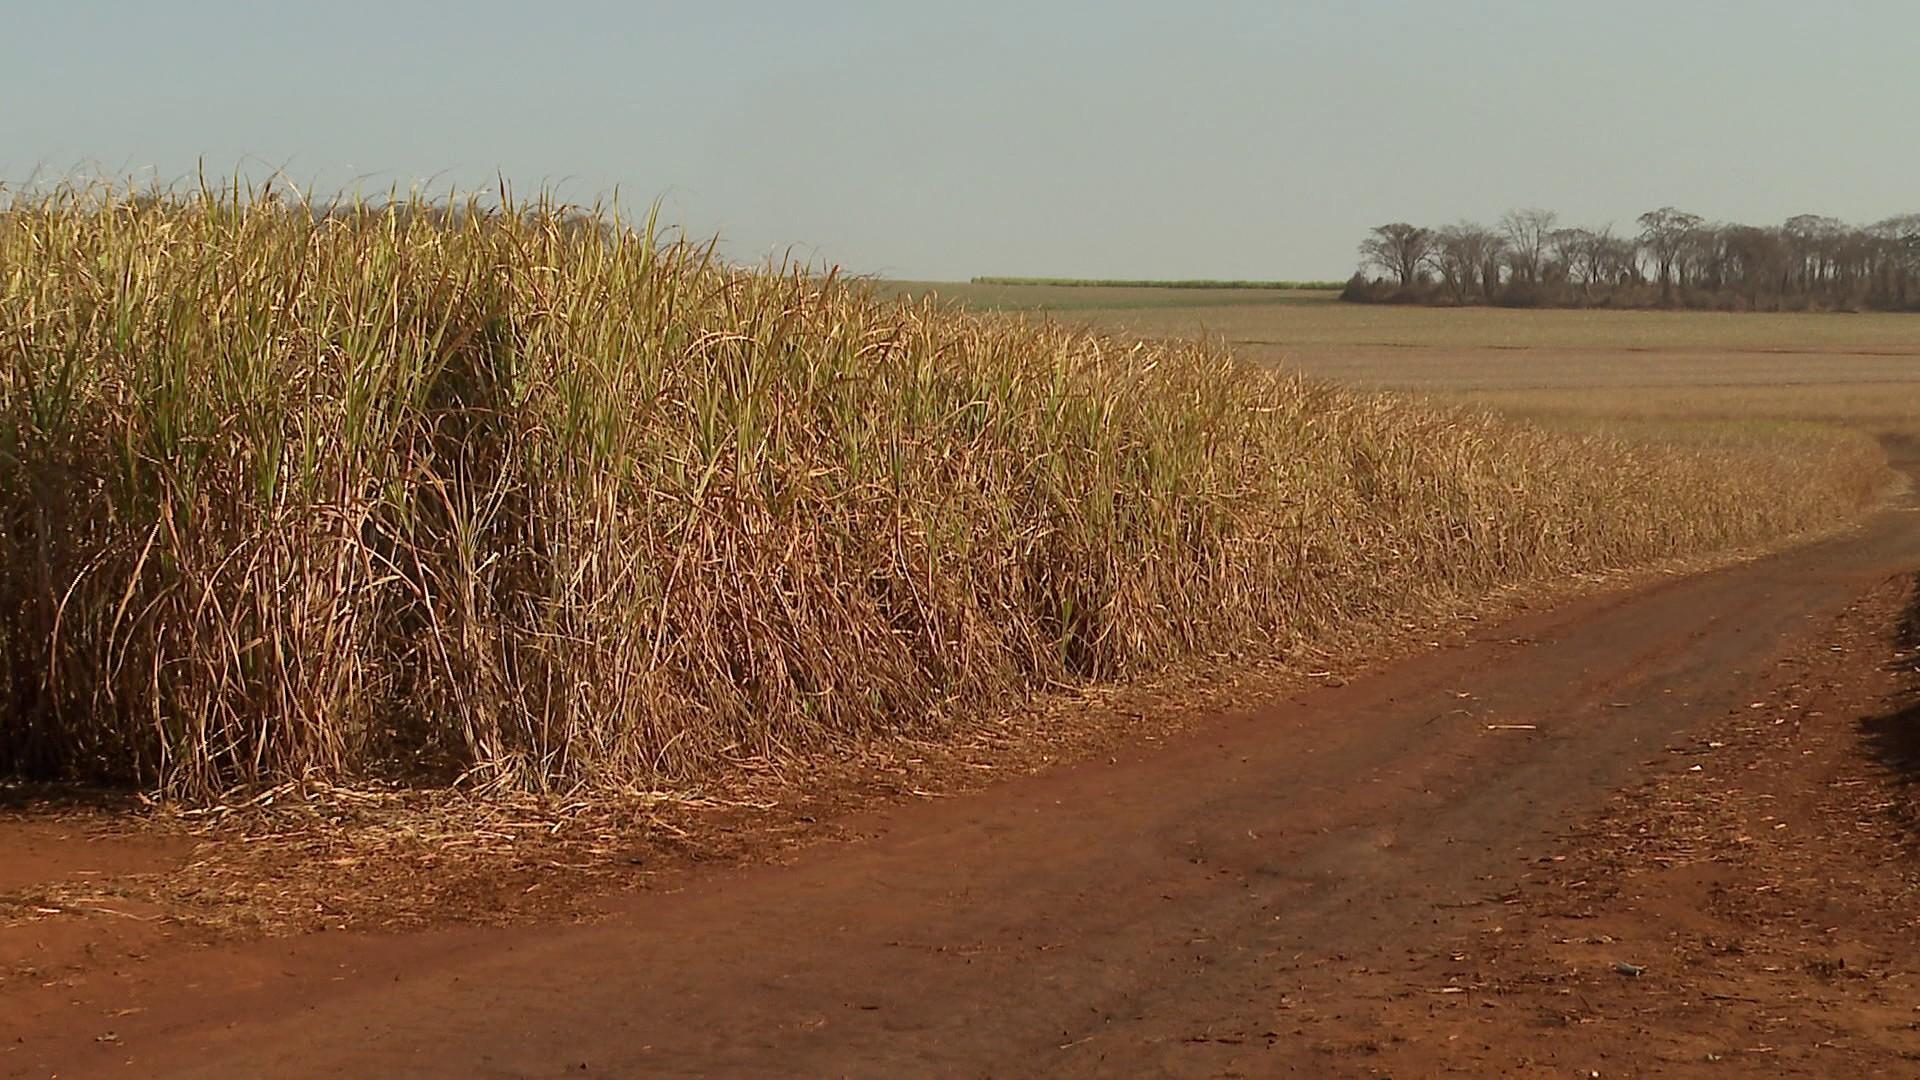 Geadas prejudicam produção de cana-de-açúcar na região de Ribeirão Preto, SP